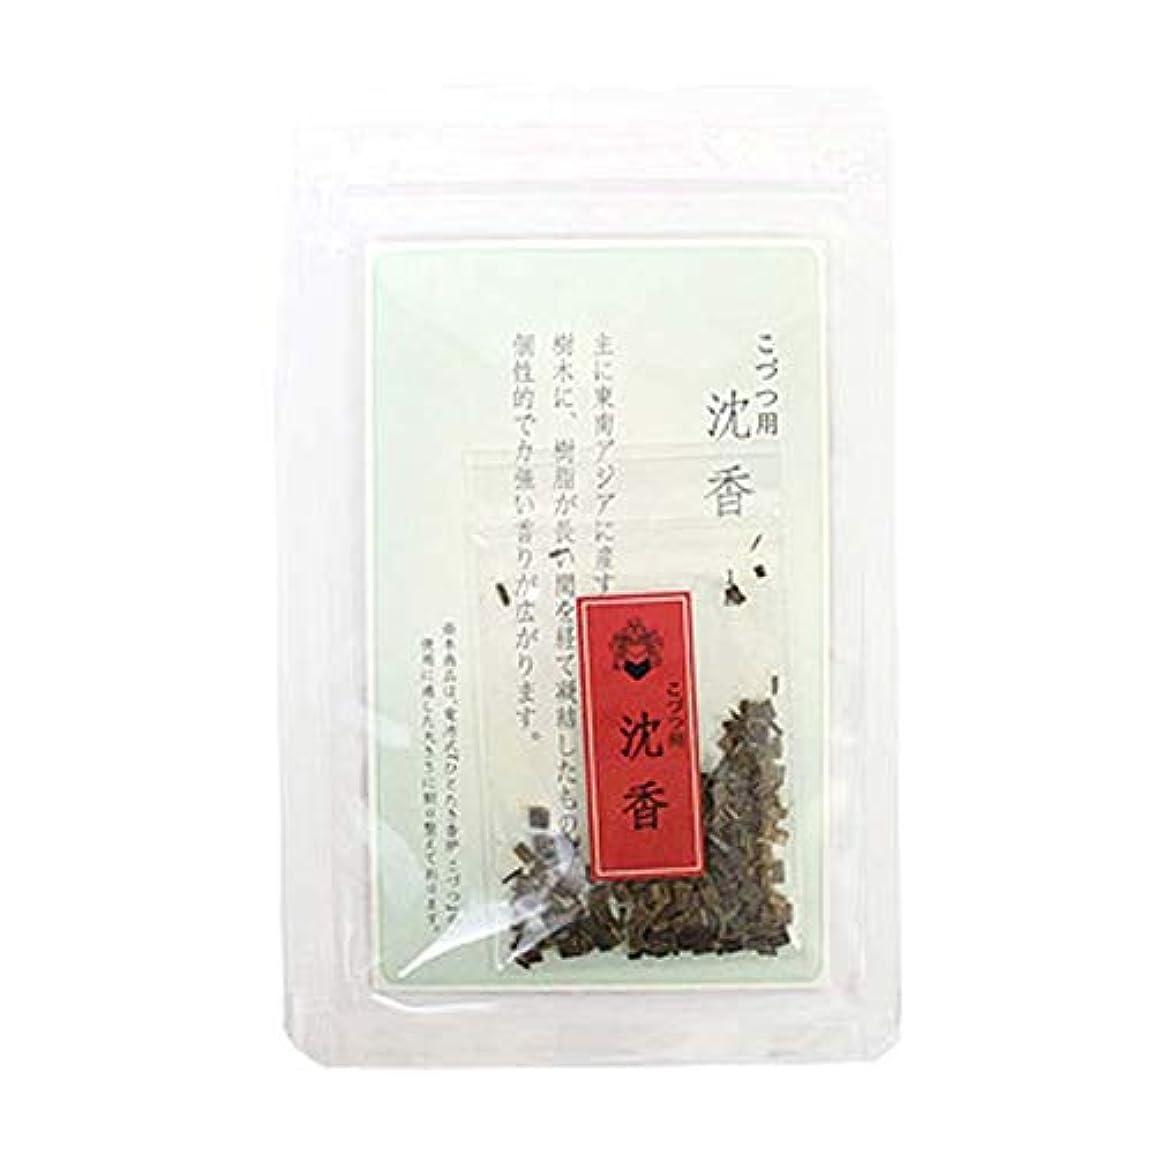 有力者ディーラーインセンティブM 茶道具 香 お試しこづつ用 香木 沈香 じんこう 1g (海外発送不可) ほんぢ園